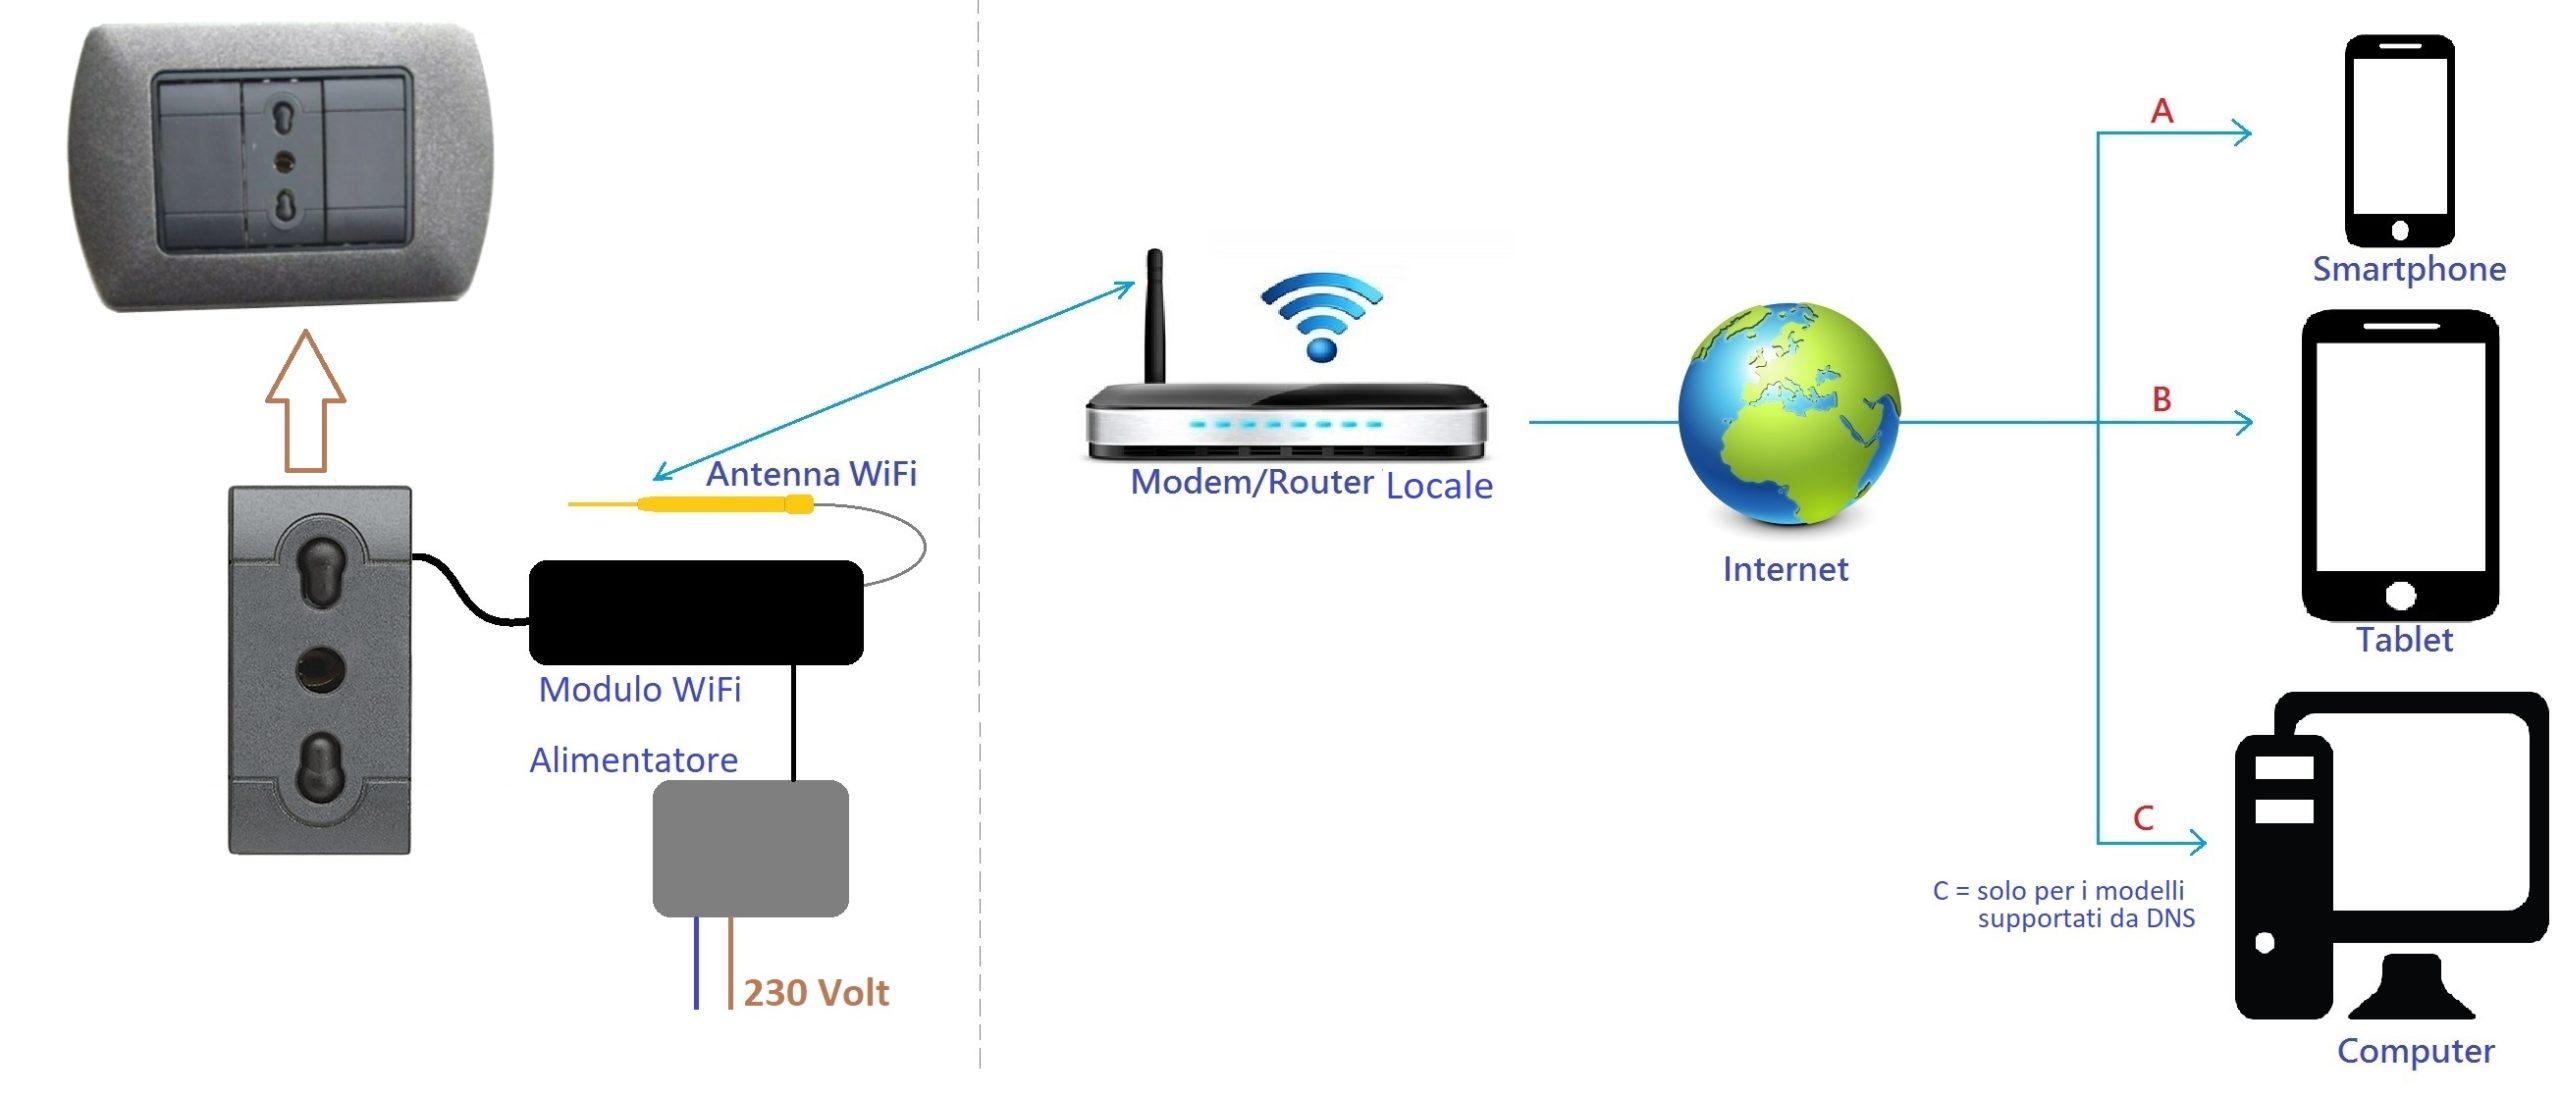 TELECAMERA WiFi NASCOSTA NELLA PRESA ELETTRICA | | Il Ficcanaso